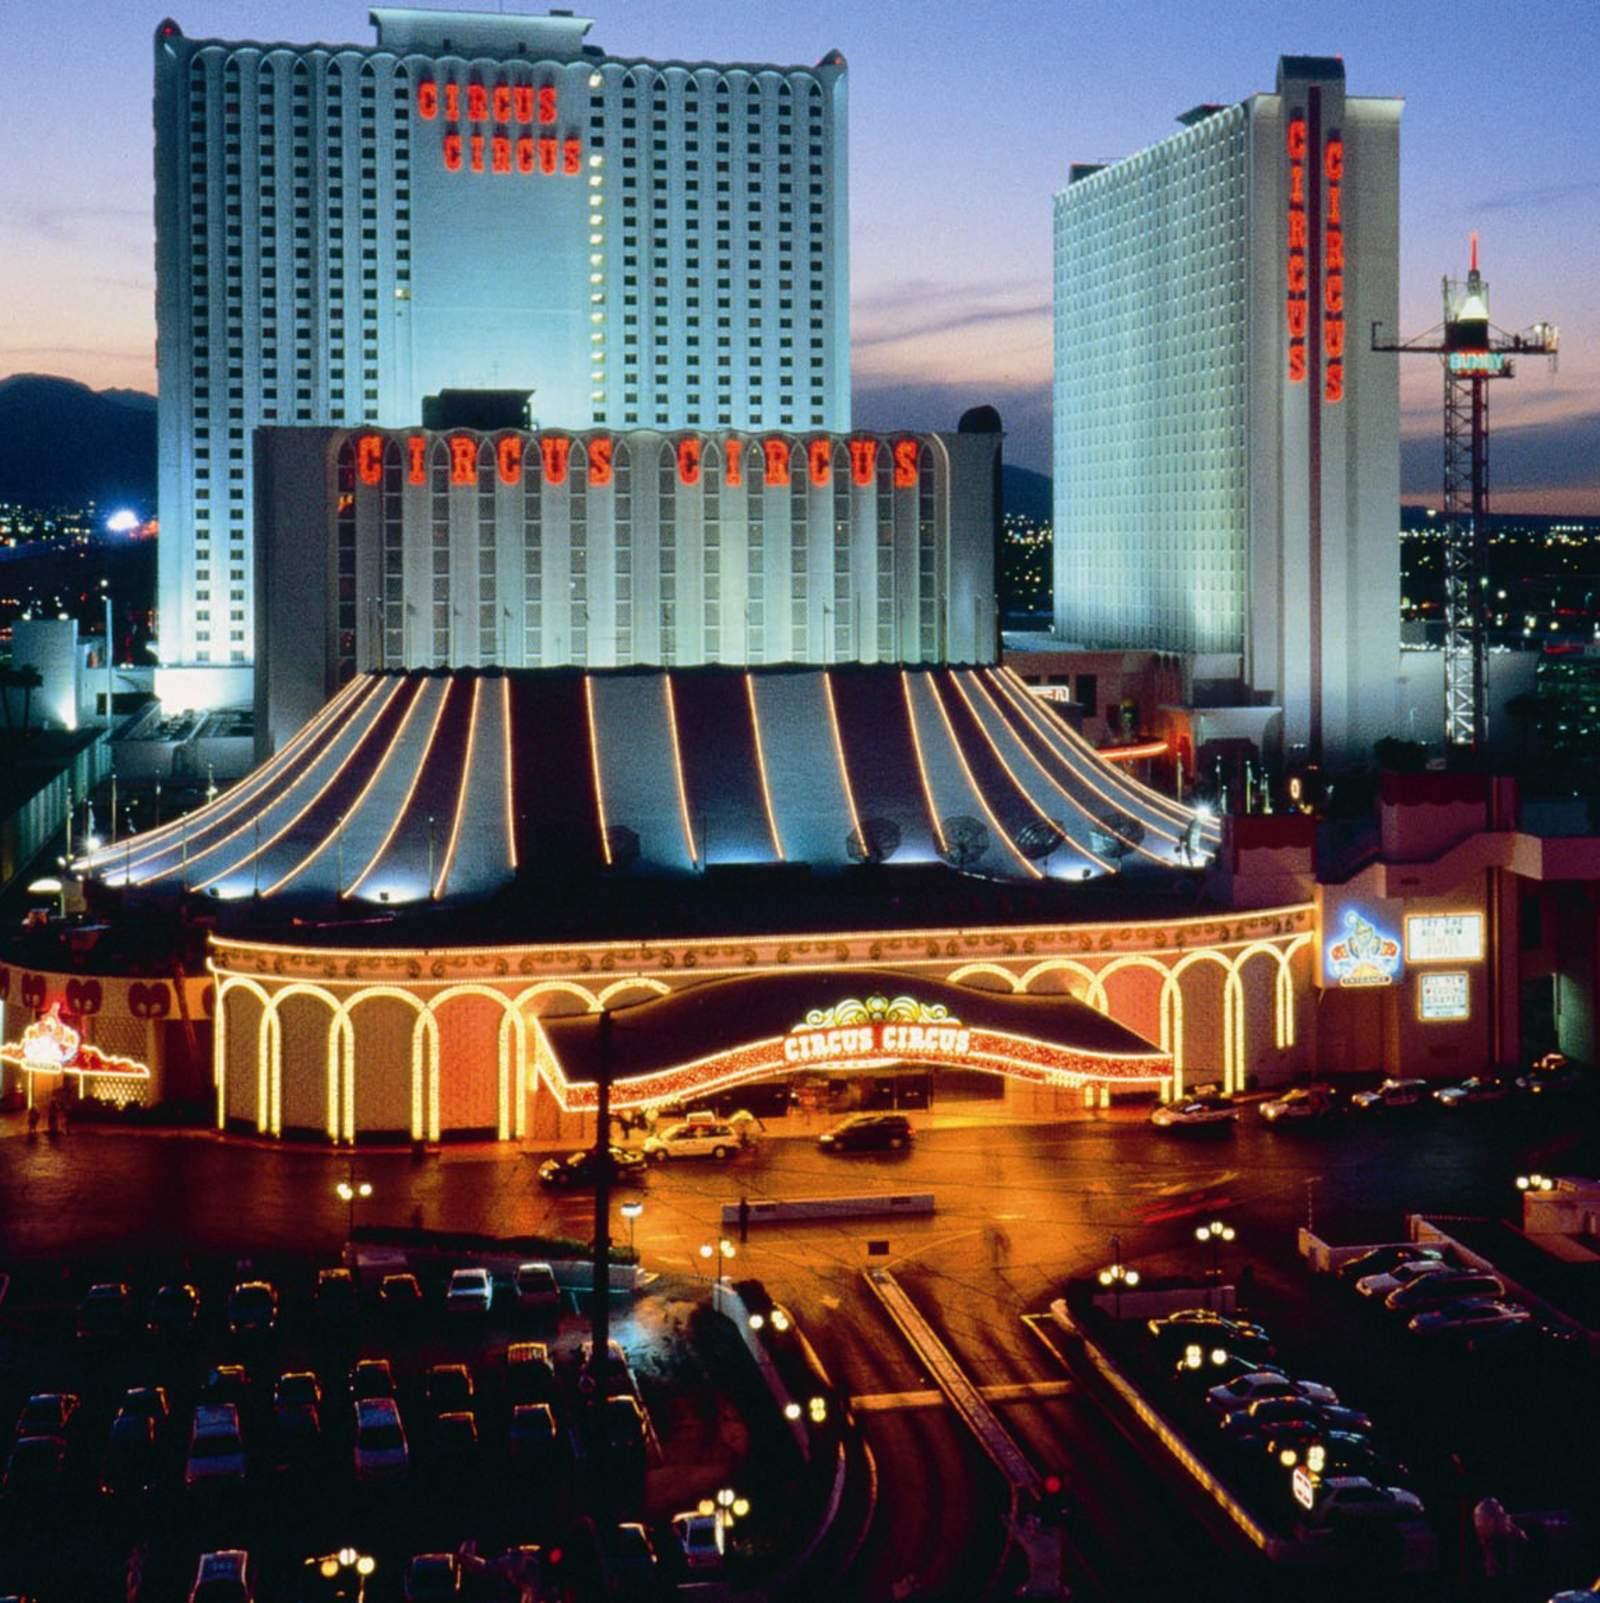 circus.be casino